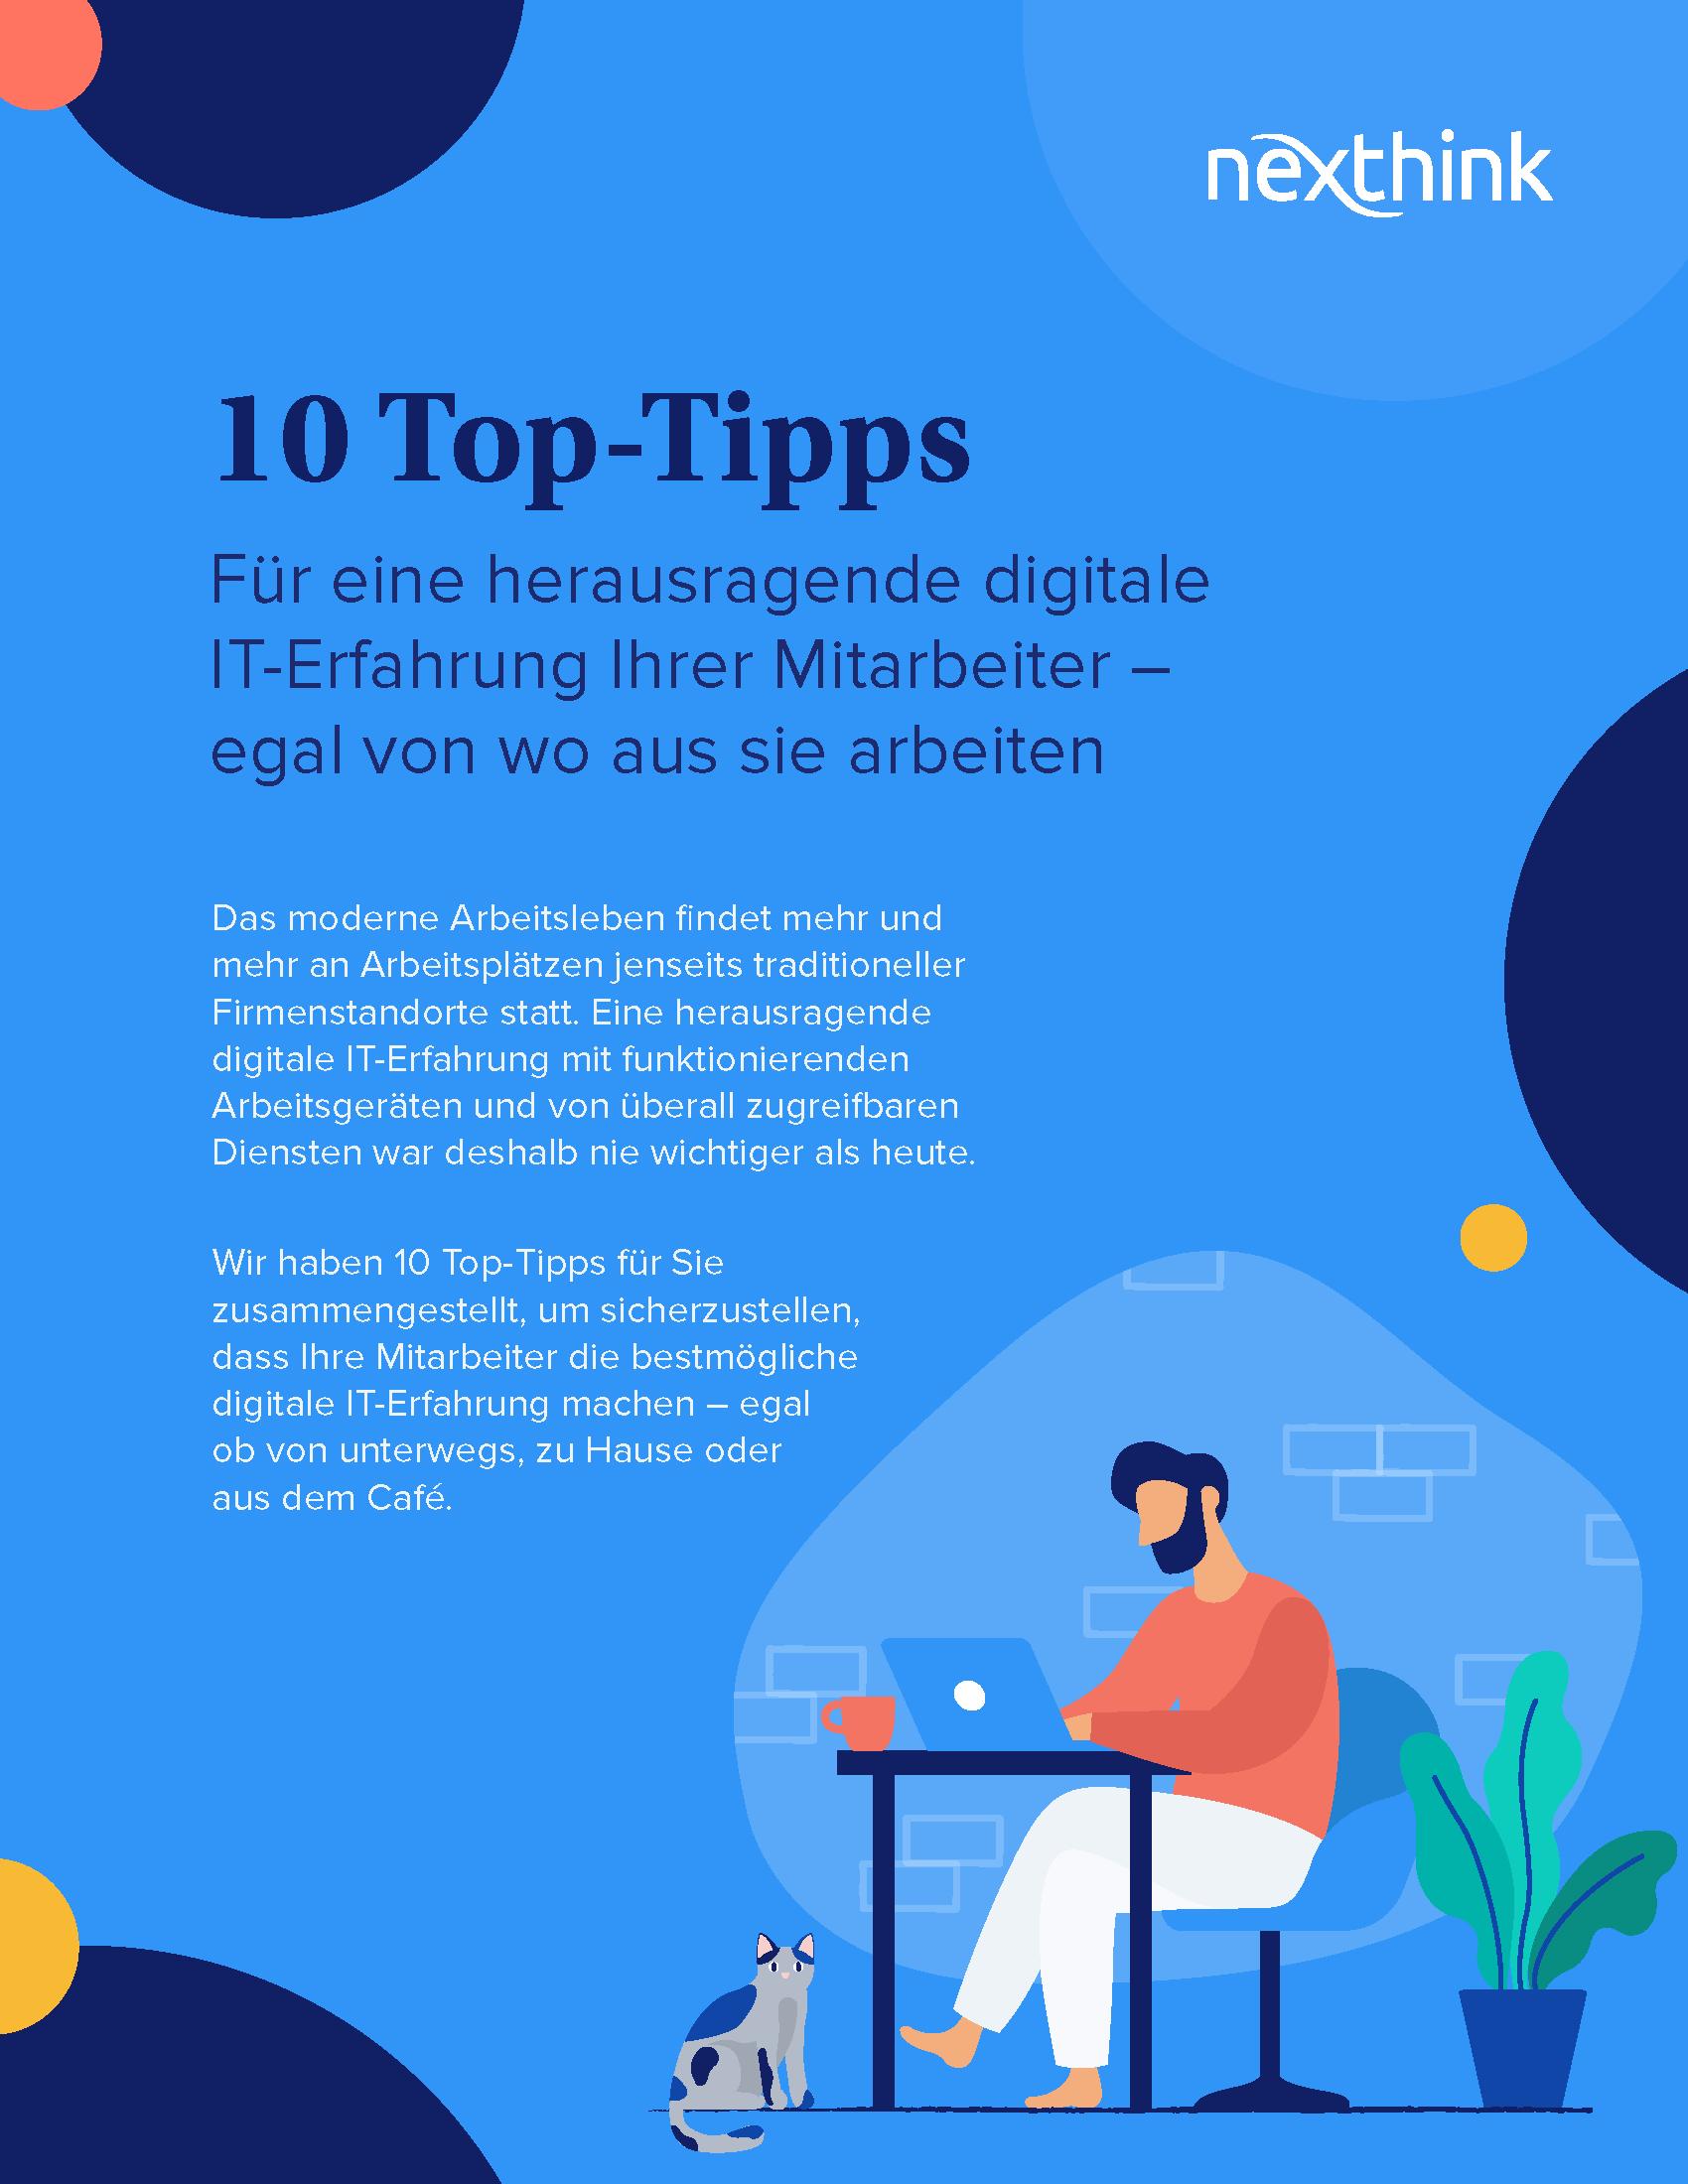 10 Top-Tipps für eine herausragende digitale IT-Erfahrung Ihrer Mitarbeiter